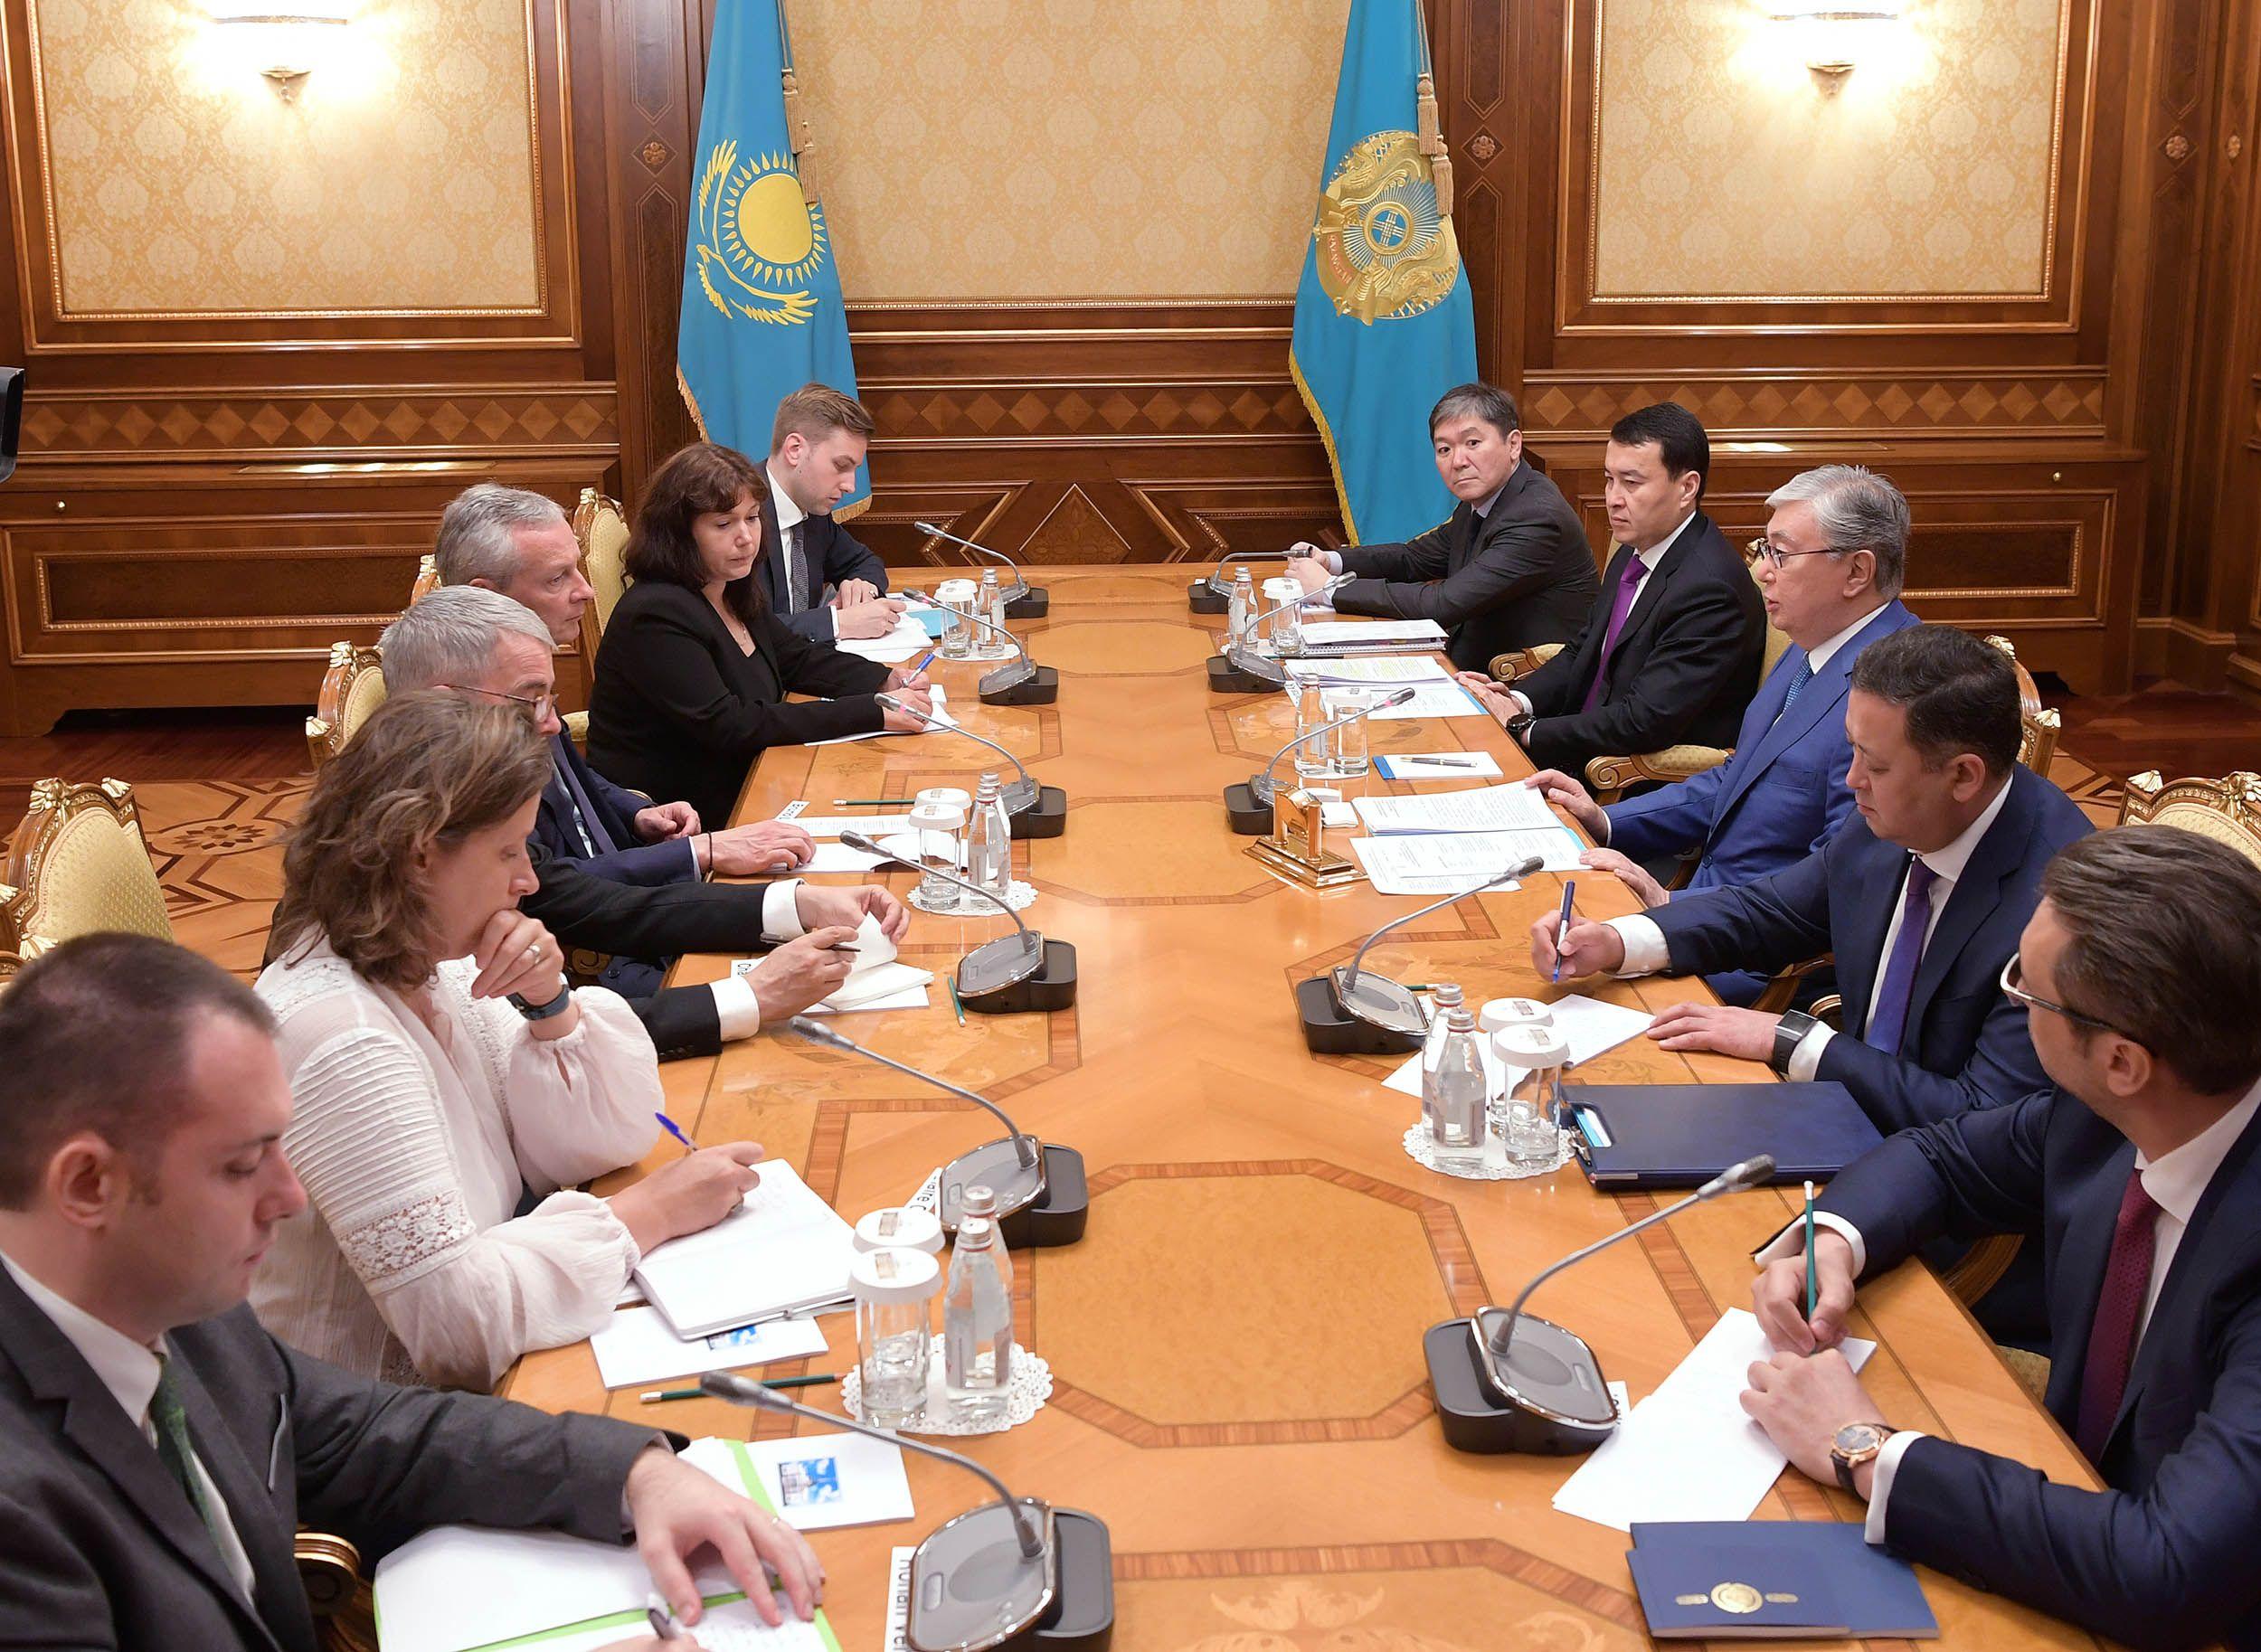 Франция инвестировала в экономику Казахстана свыше $15 млрд - Kapital.kz